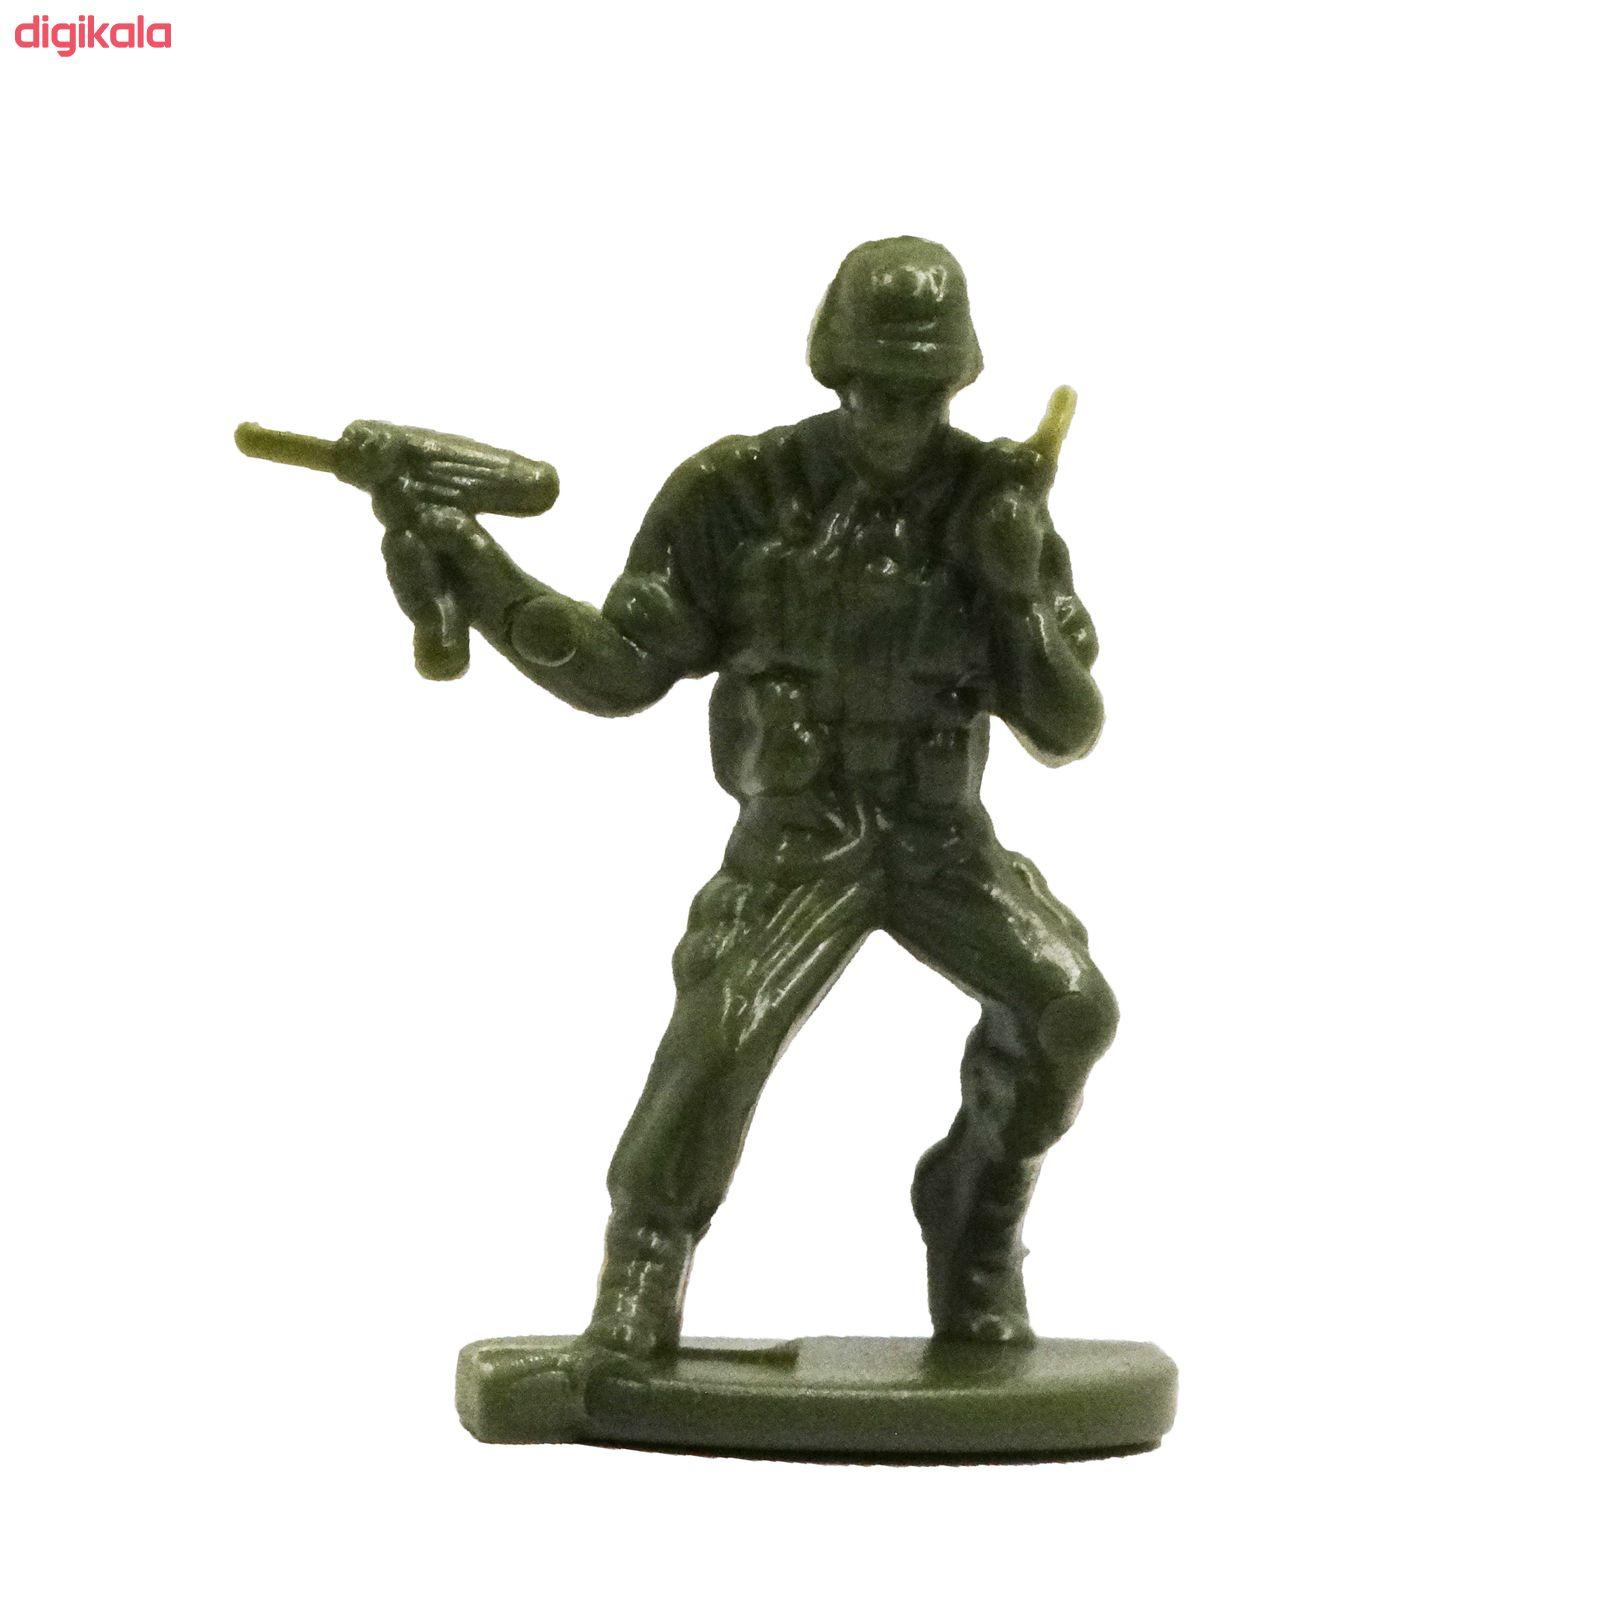 اسباب بازی جنگی مدل پادگان مجموعه 23 عددی main 1 20